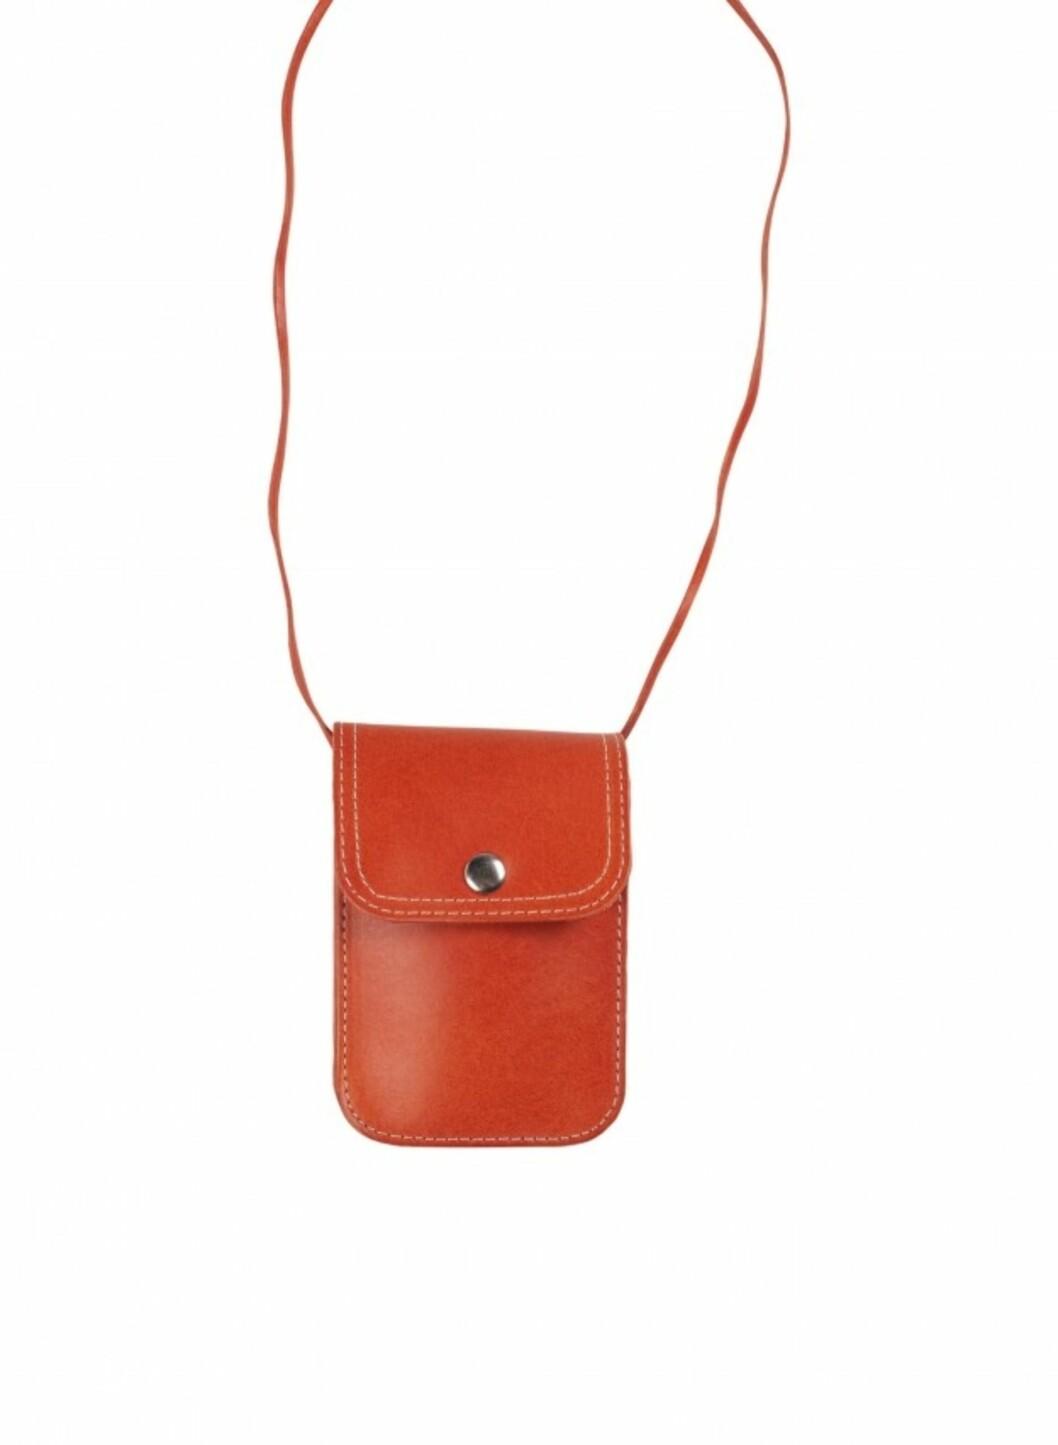 I varm rustfarge med knapp (kr.180/Monki). Foto: Produsenten